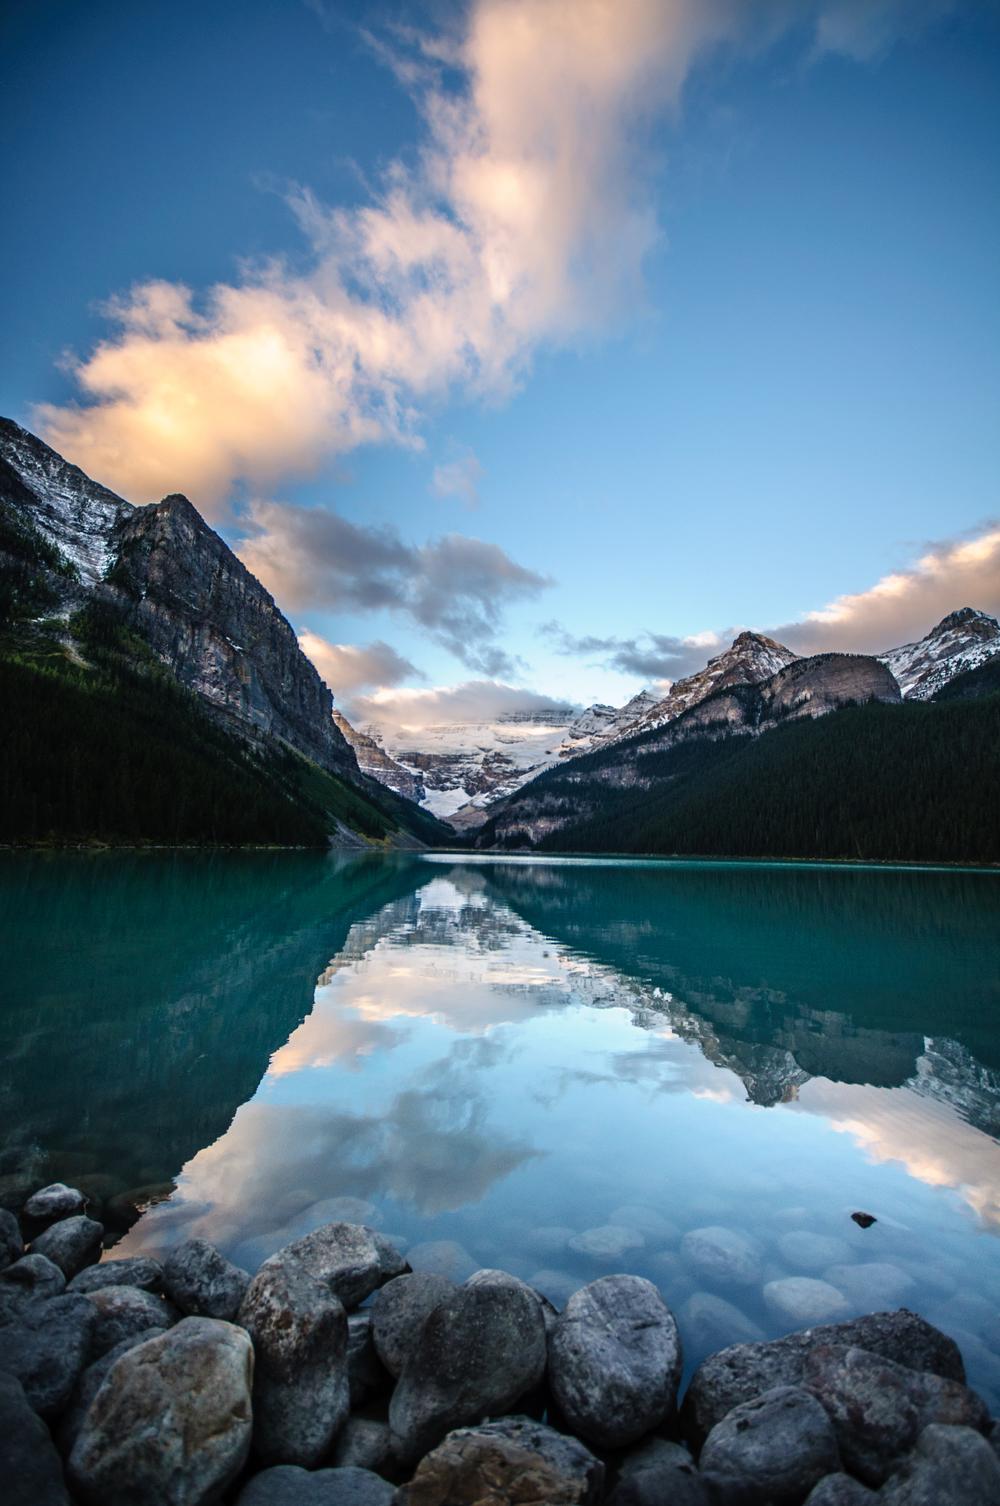 20120912_CanadianRockies_LakeLouise__DSC2500.jpg